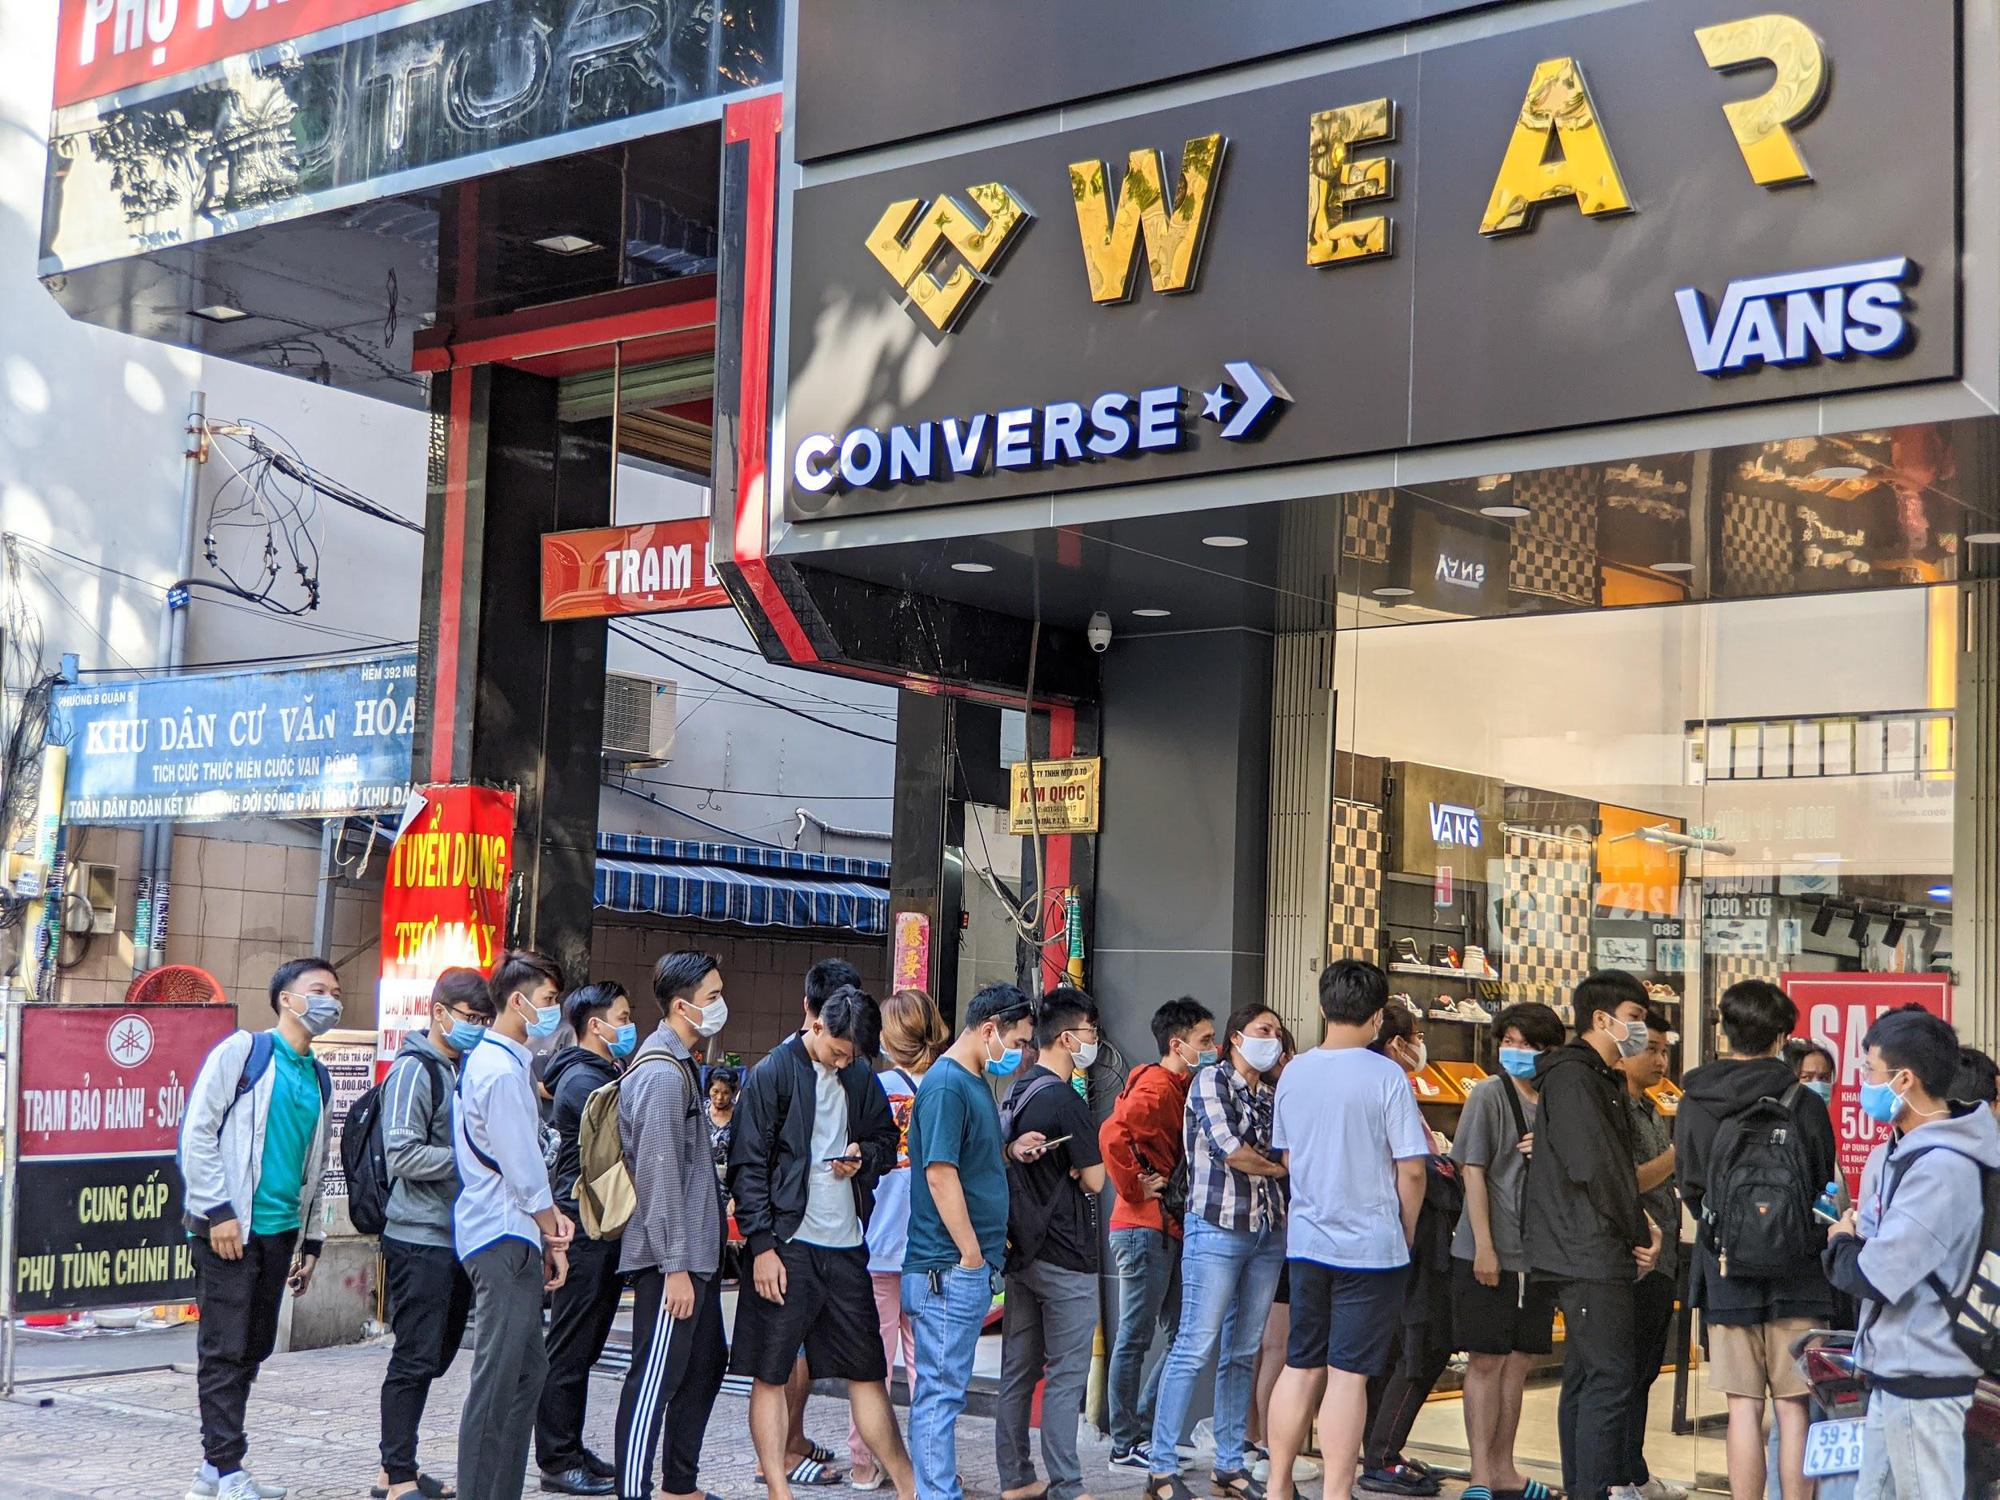 Mua giày Converse, Vans làm quà 8.3, đừng bỏ lỡ địa chỉ bán siêu chuẩn này - Ảnh 1.